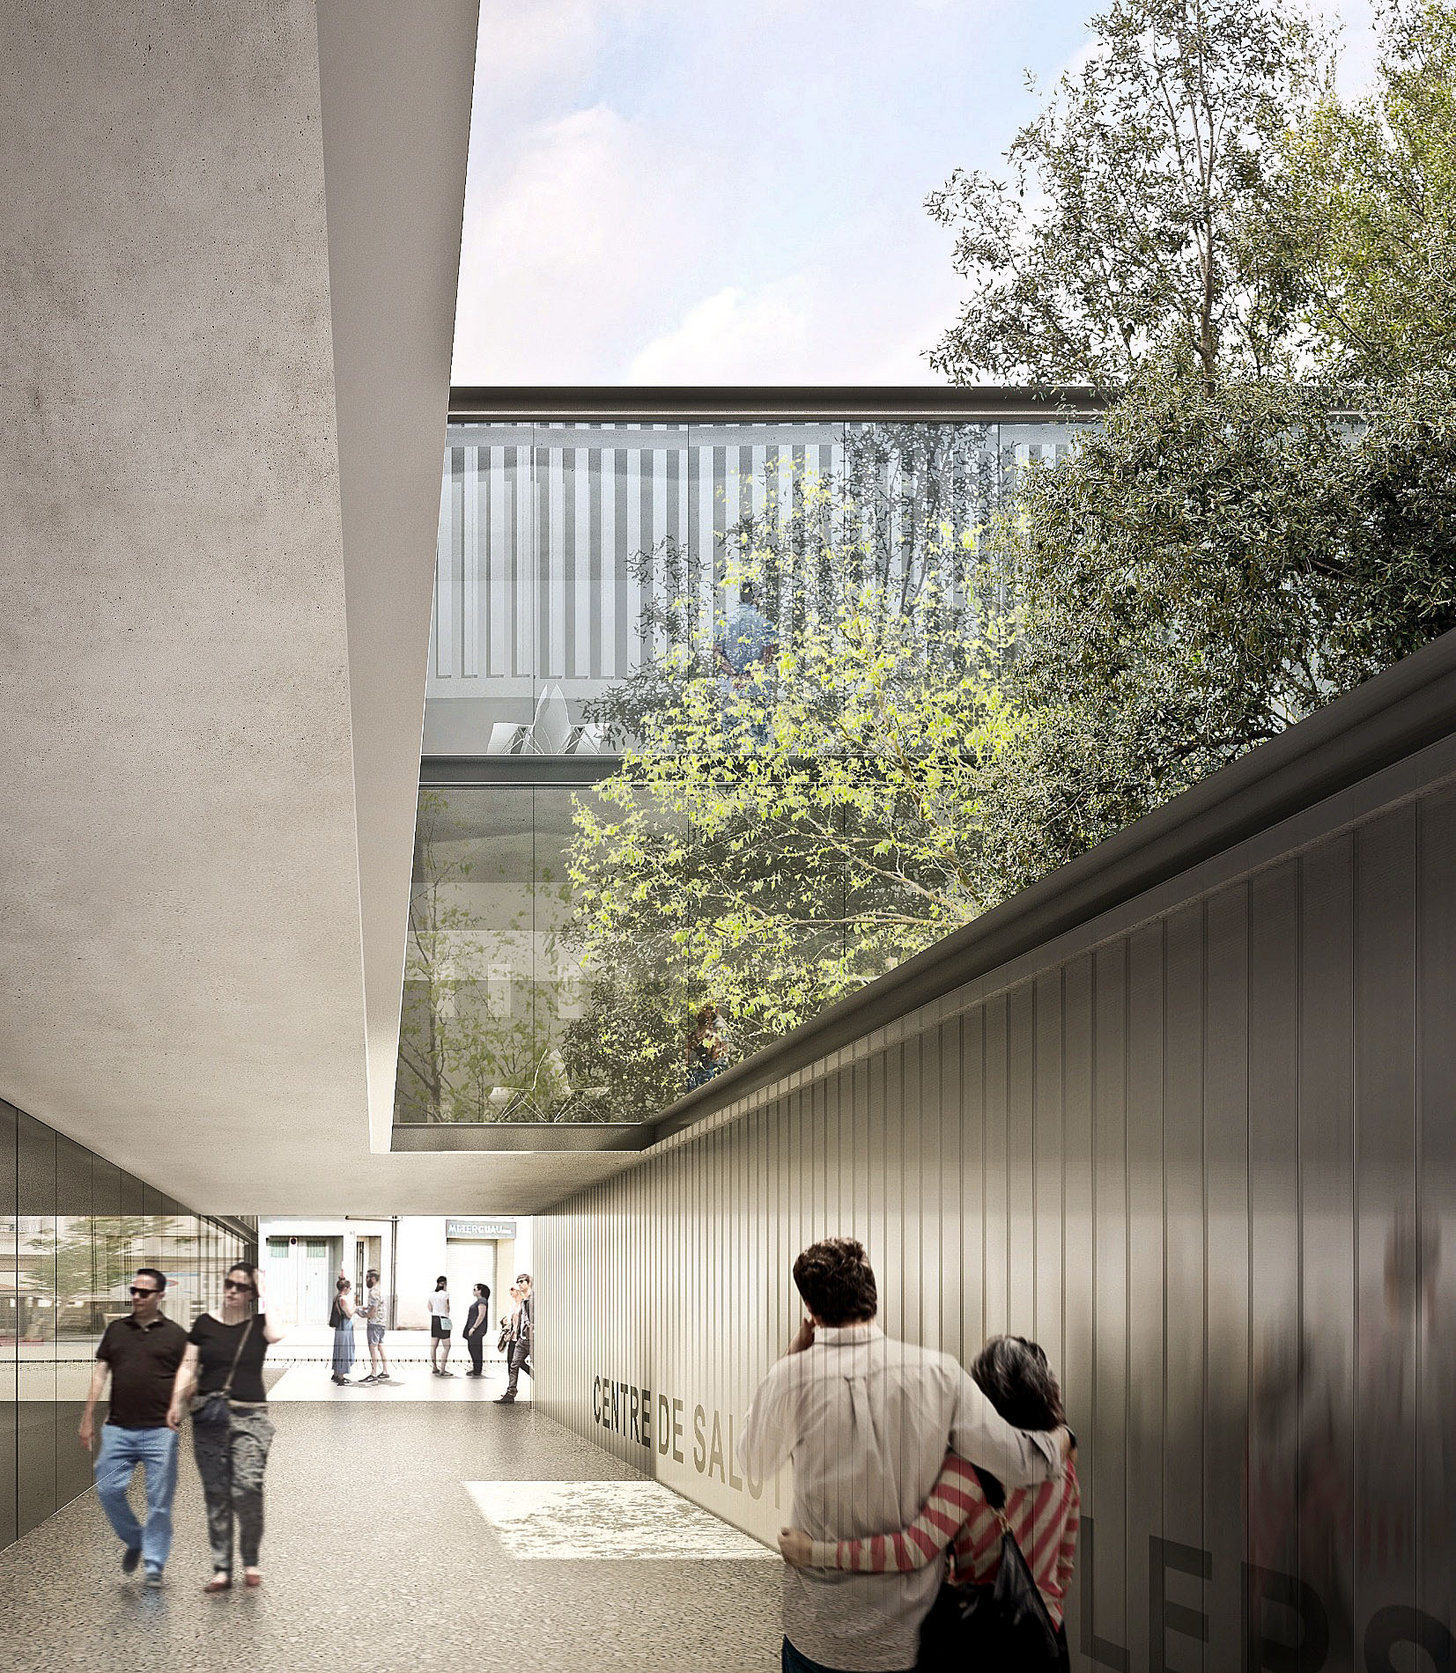 Un aspecte virtual dels exteriors del nou centre sanitari, segons el projecte de l'equip de l'arquitecte Ramon Sanabria